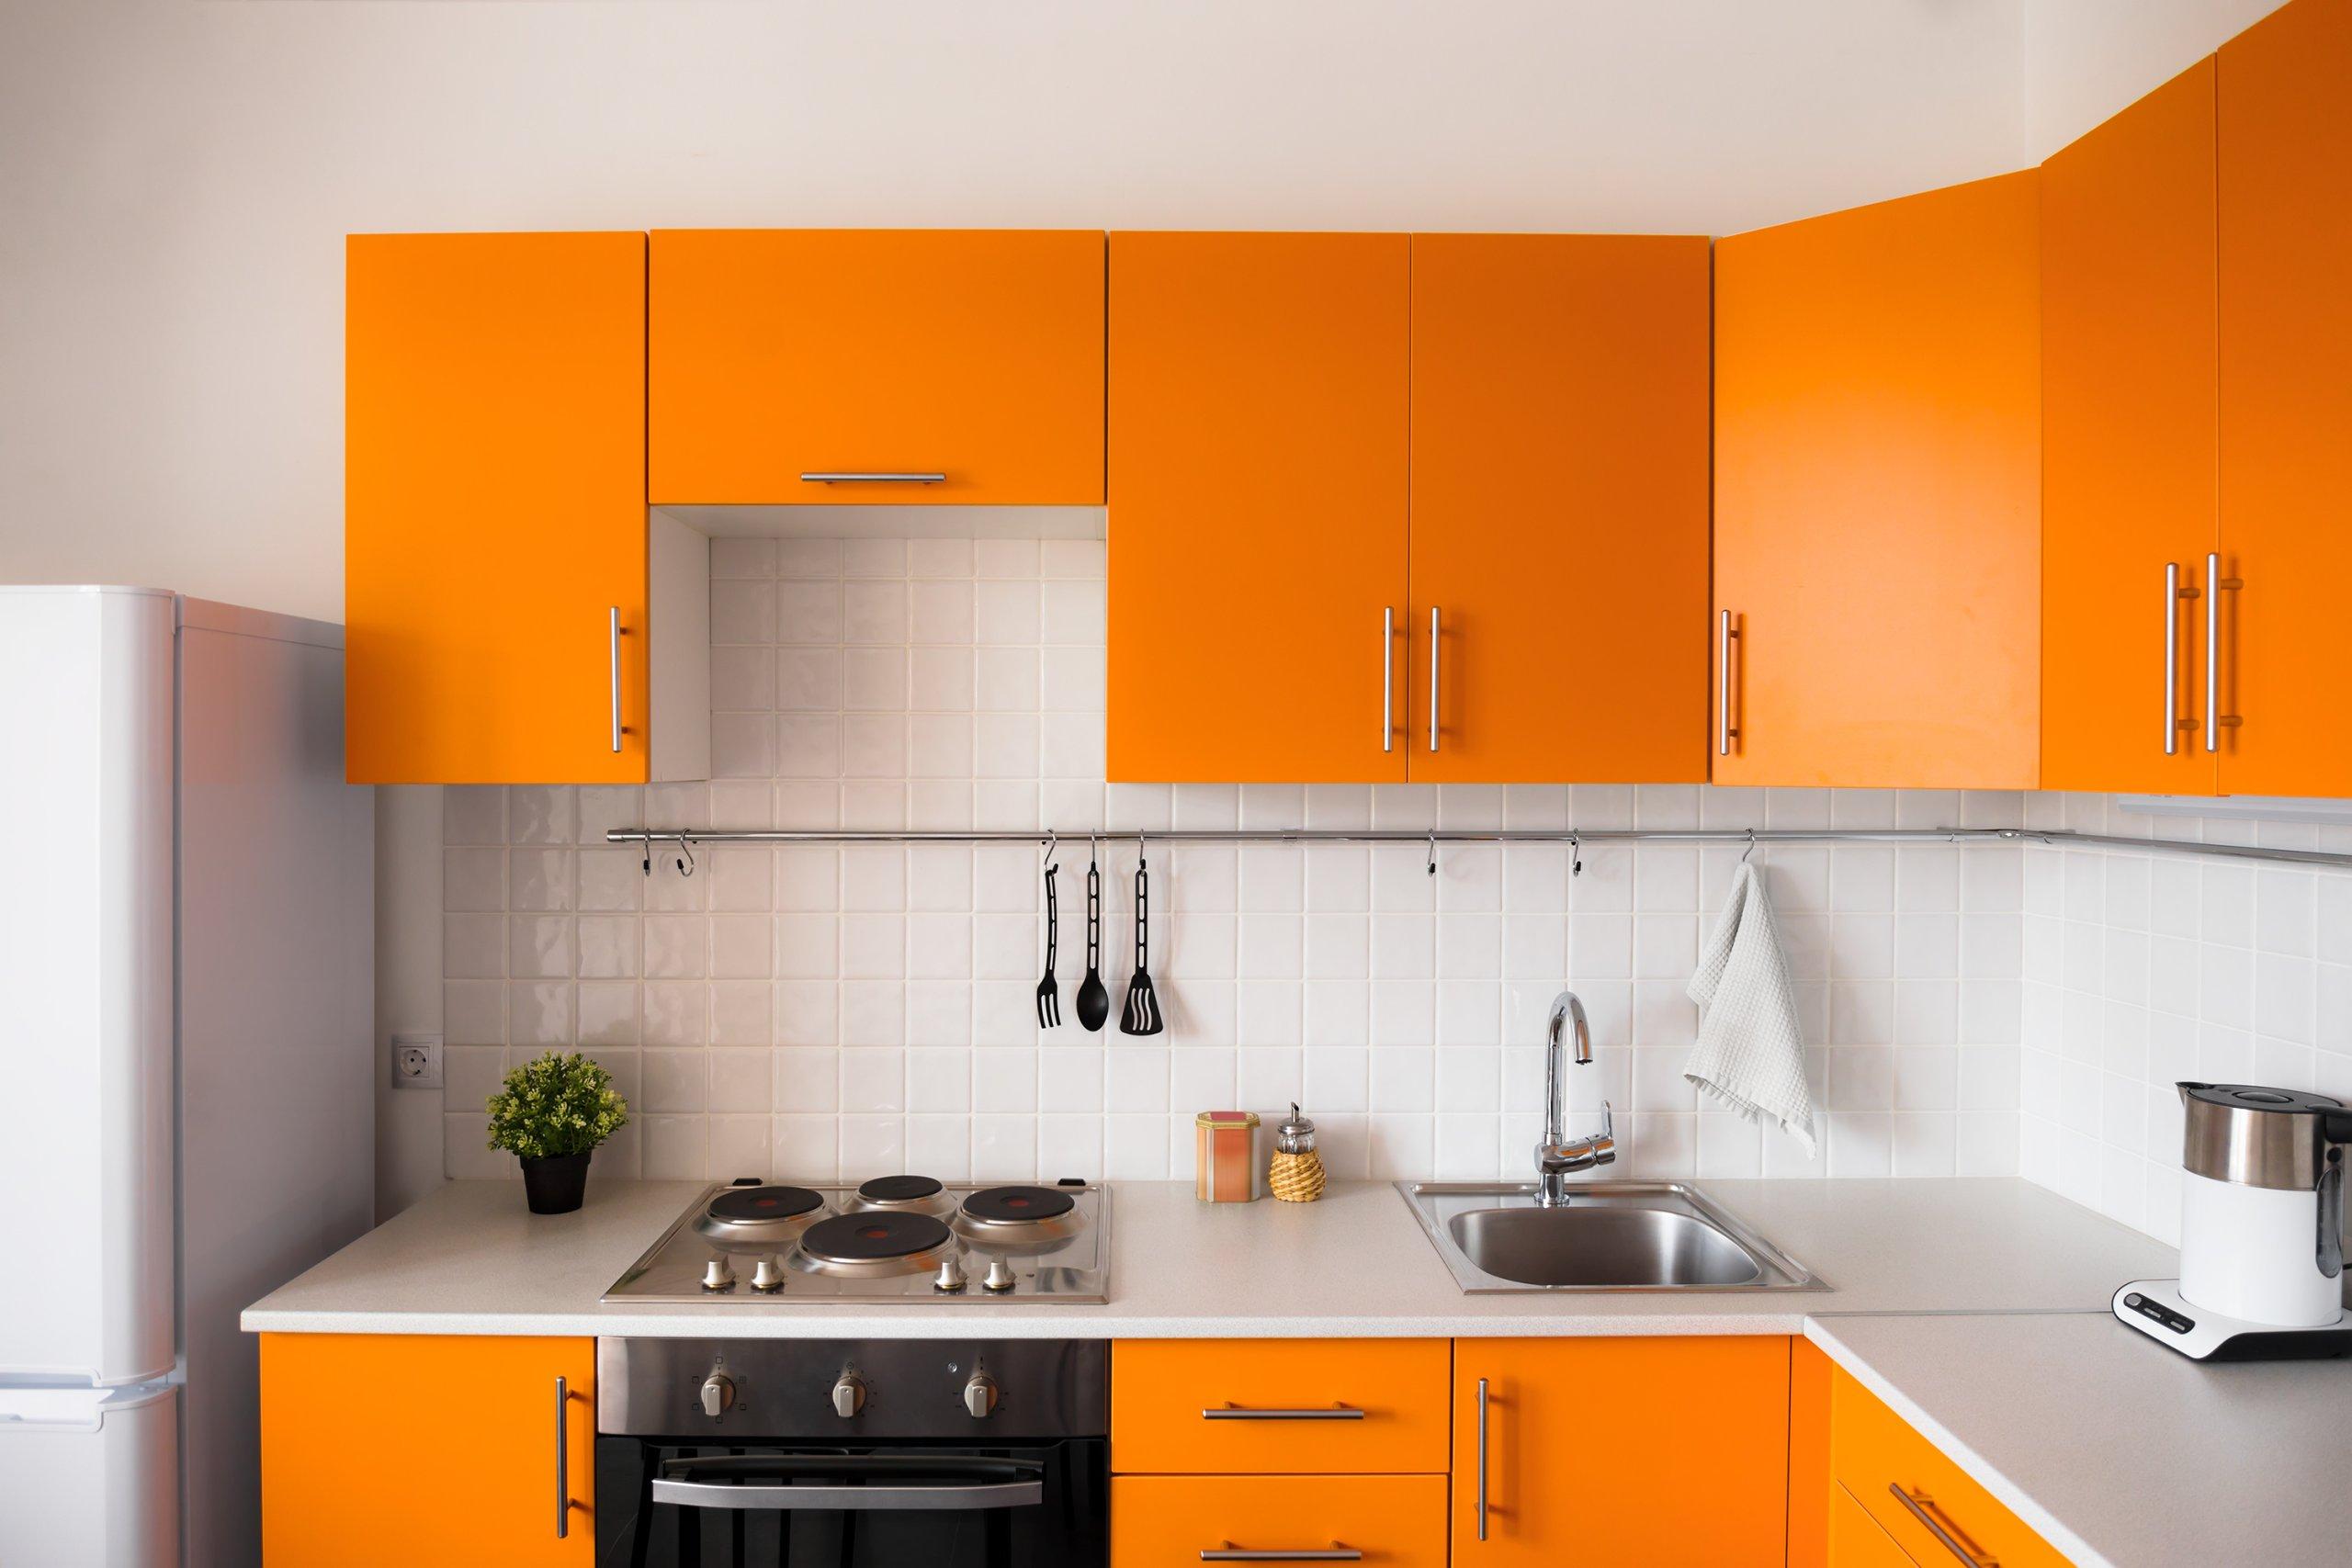 Orange-fun-vibrant-kitchen-color